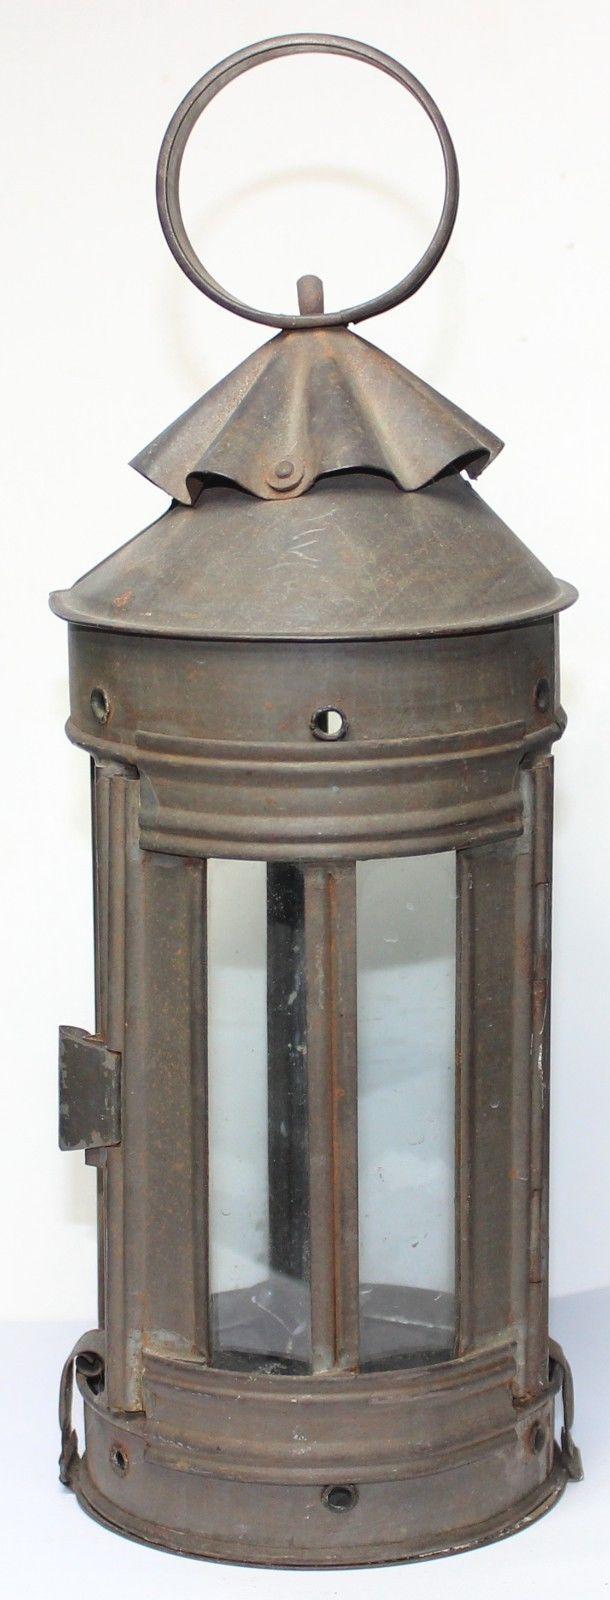 Original Civil War Era 1850s 1860s Tin Candle Lantern Sold